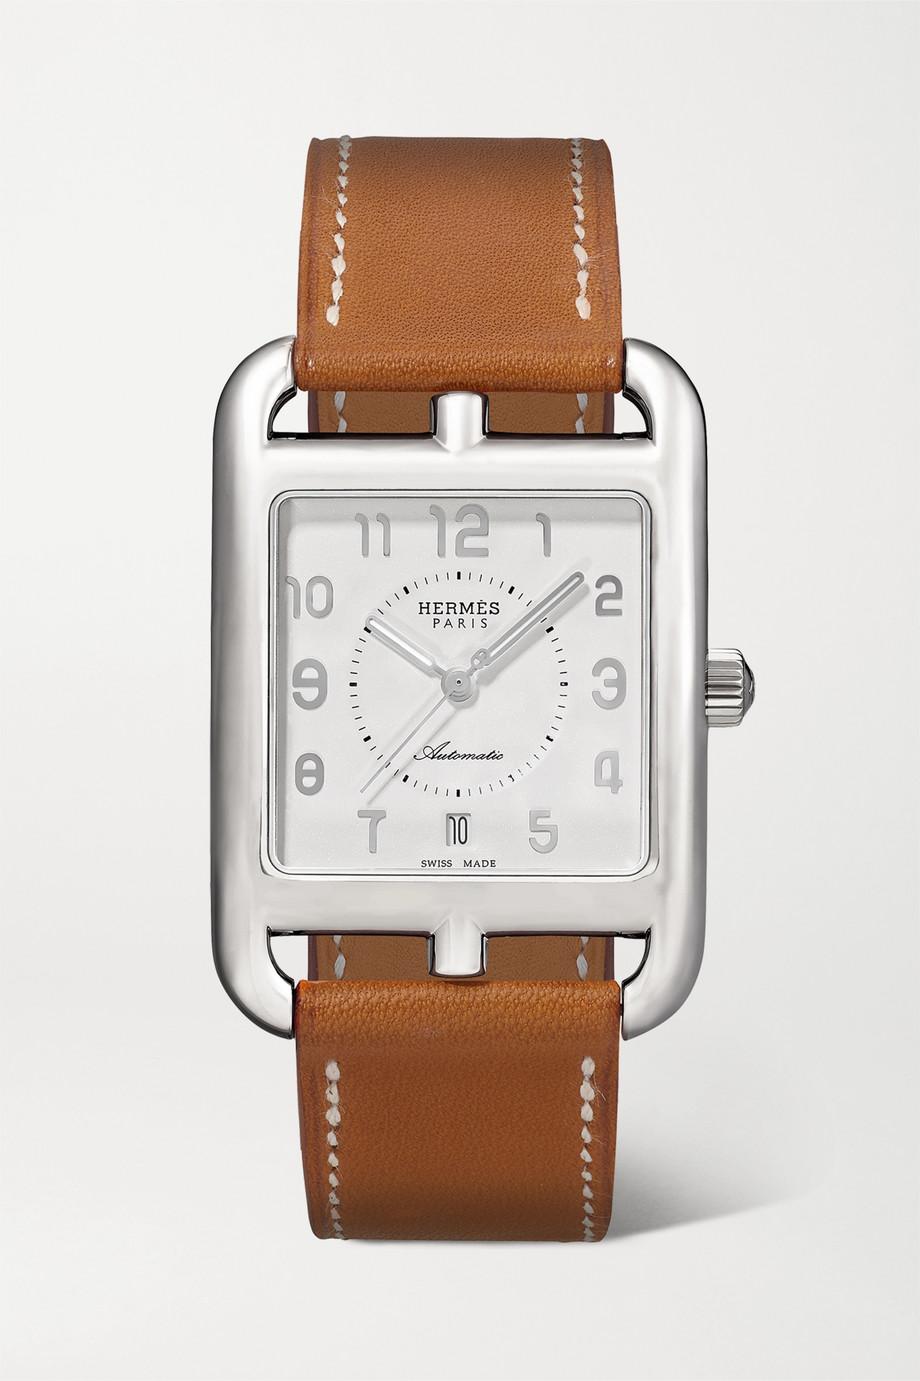 Hermès Timepieces Cape Cod Automatic 29 mm große Uhr aus Edelstahl mit Lederarmband